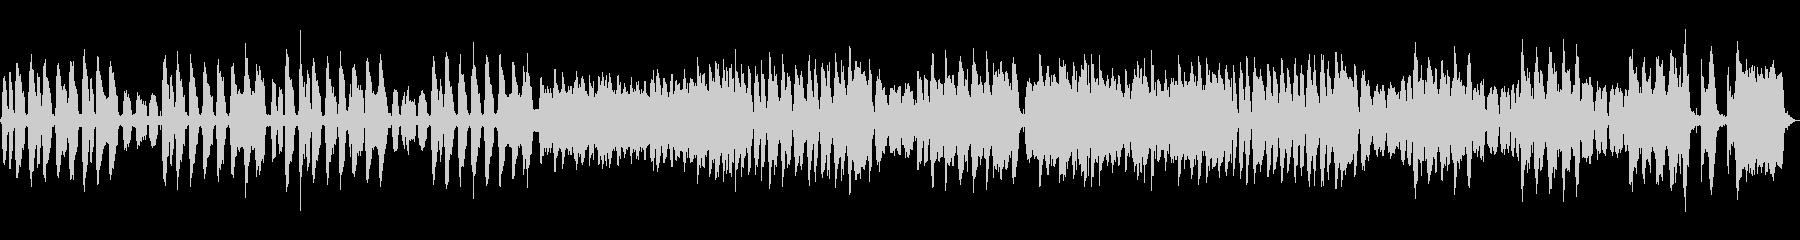 カリオペ:伝統的なドイツの歌の未再生の波形